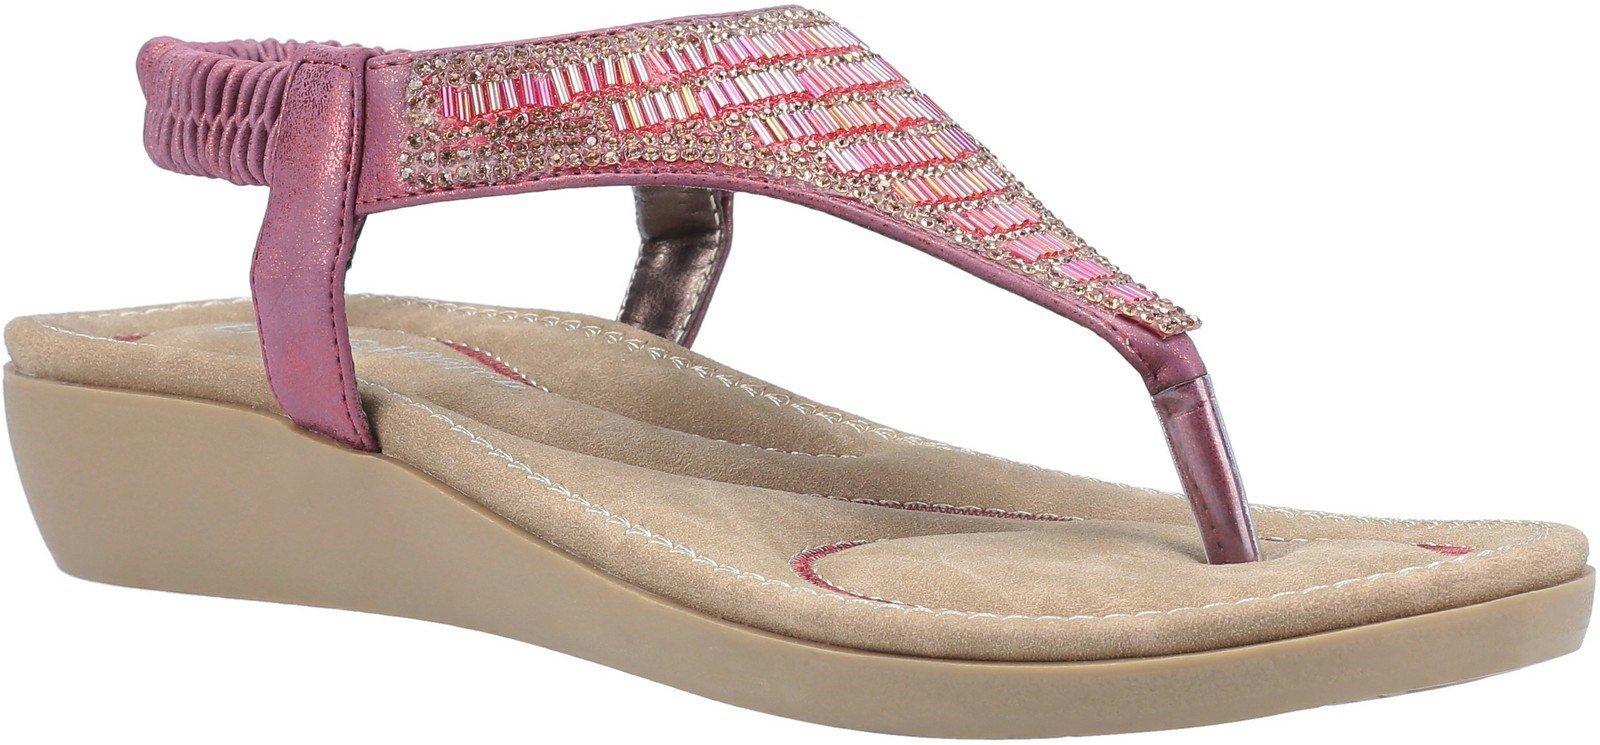 Fleet & Foster Women's Lianne Slip On Sandal Various Colours 30098 - Bordo 3